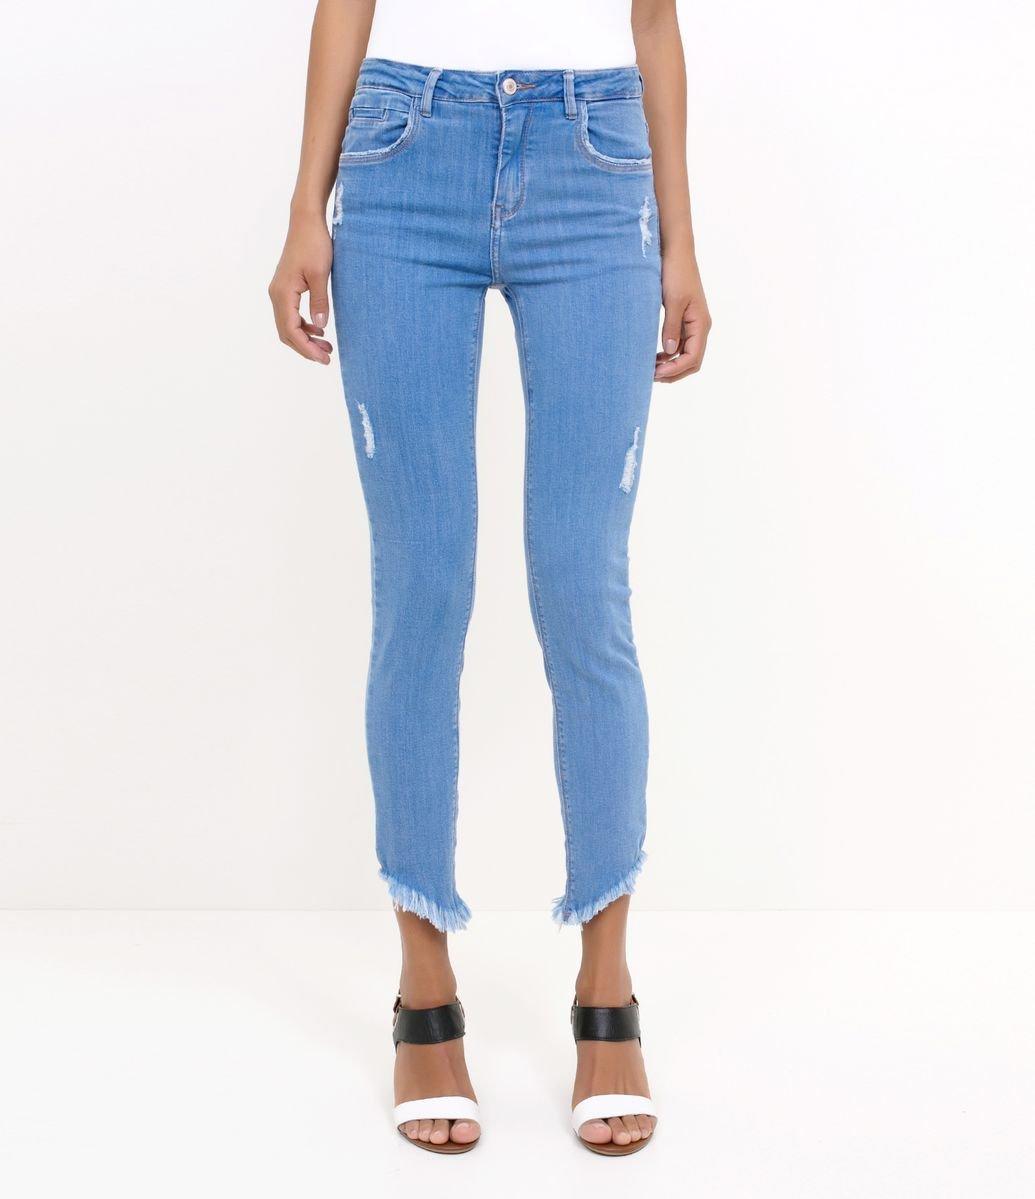 35dab8187 ... Jeans · Skinny e Superskinny; Calça Skinny com Barra Desfiada. Brinde